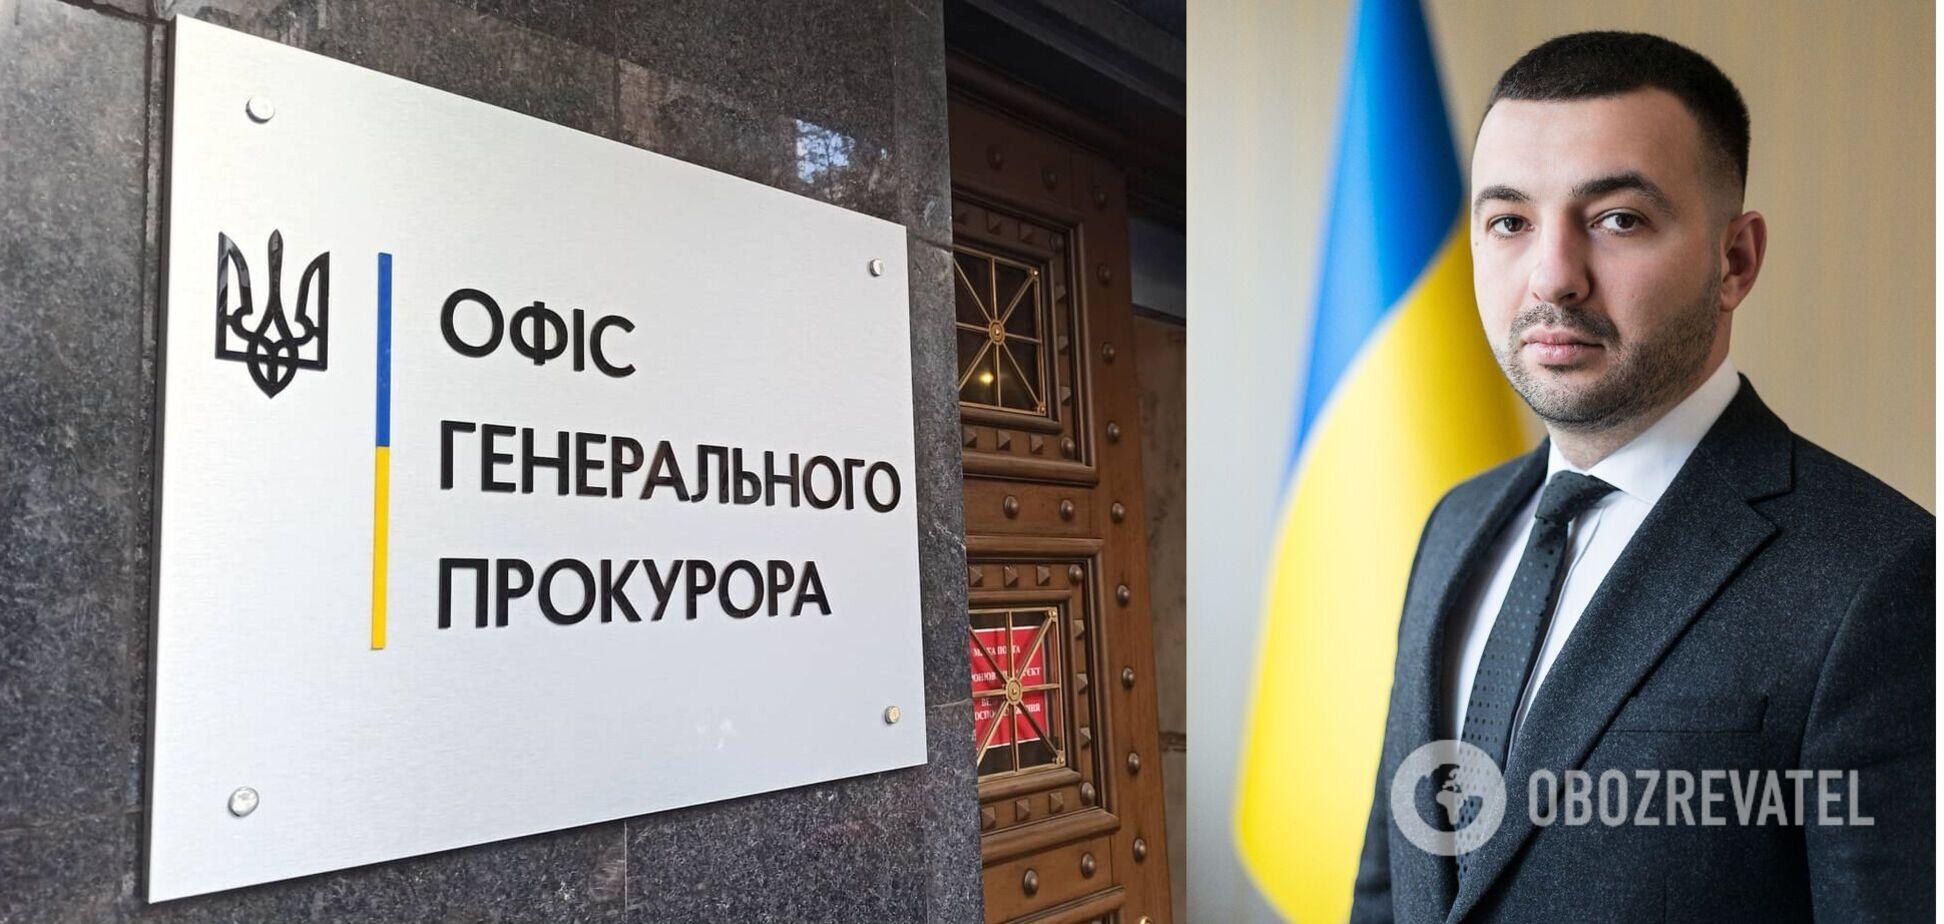 Прокурора Тернопільщини, який вимагав 'клятви вірності' й обзивав колег 'свинями', звільнили